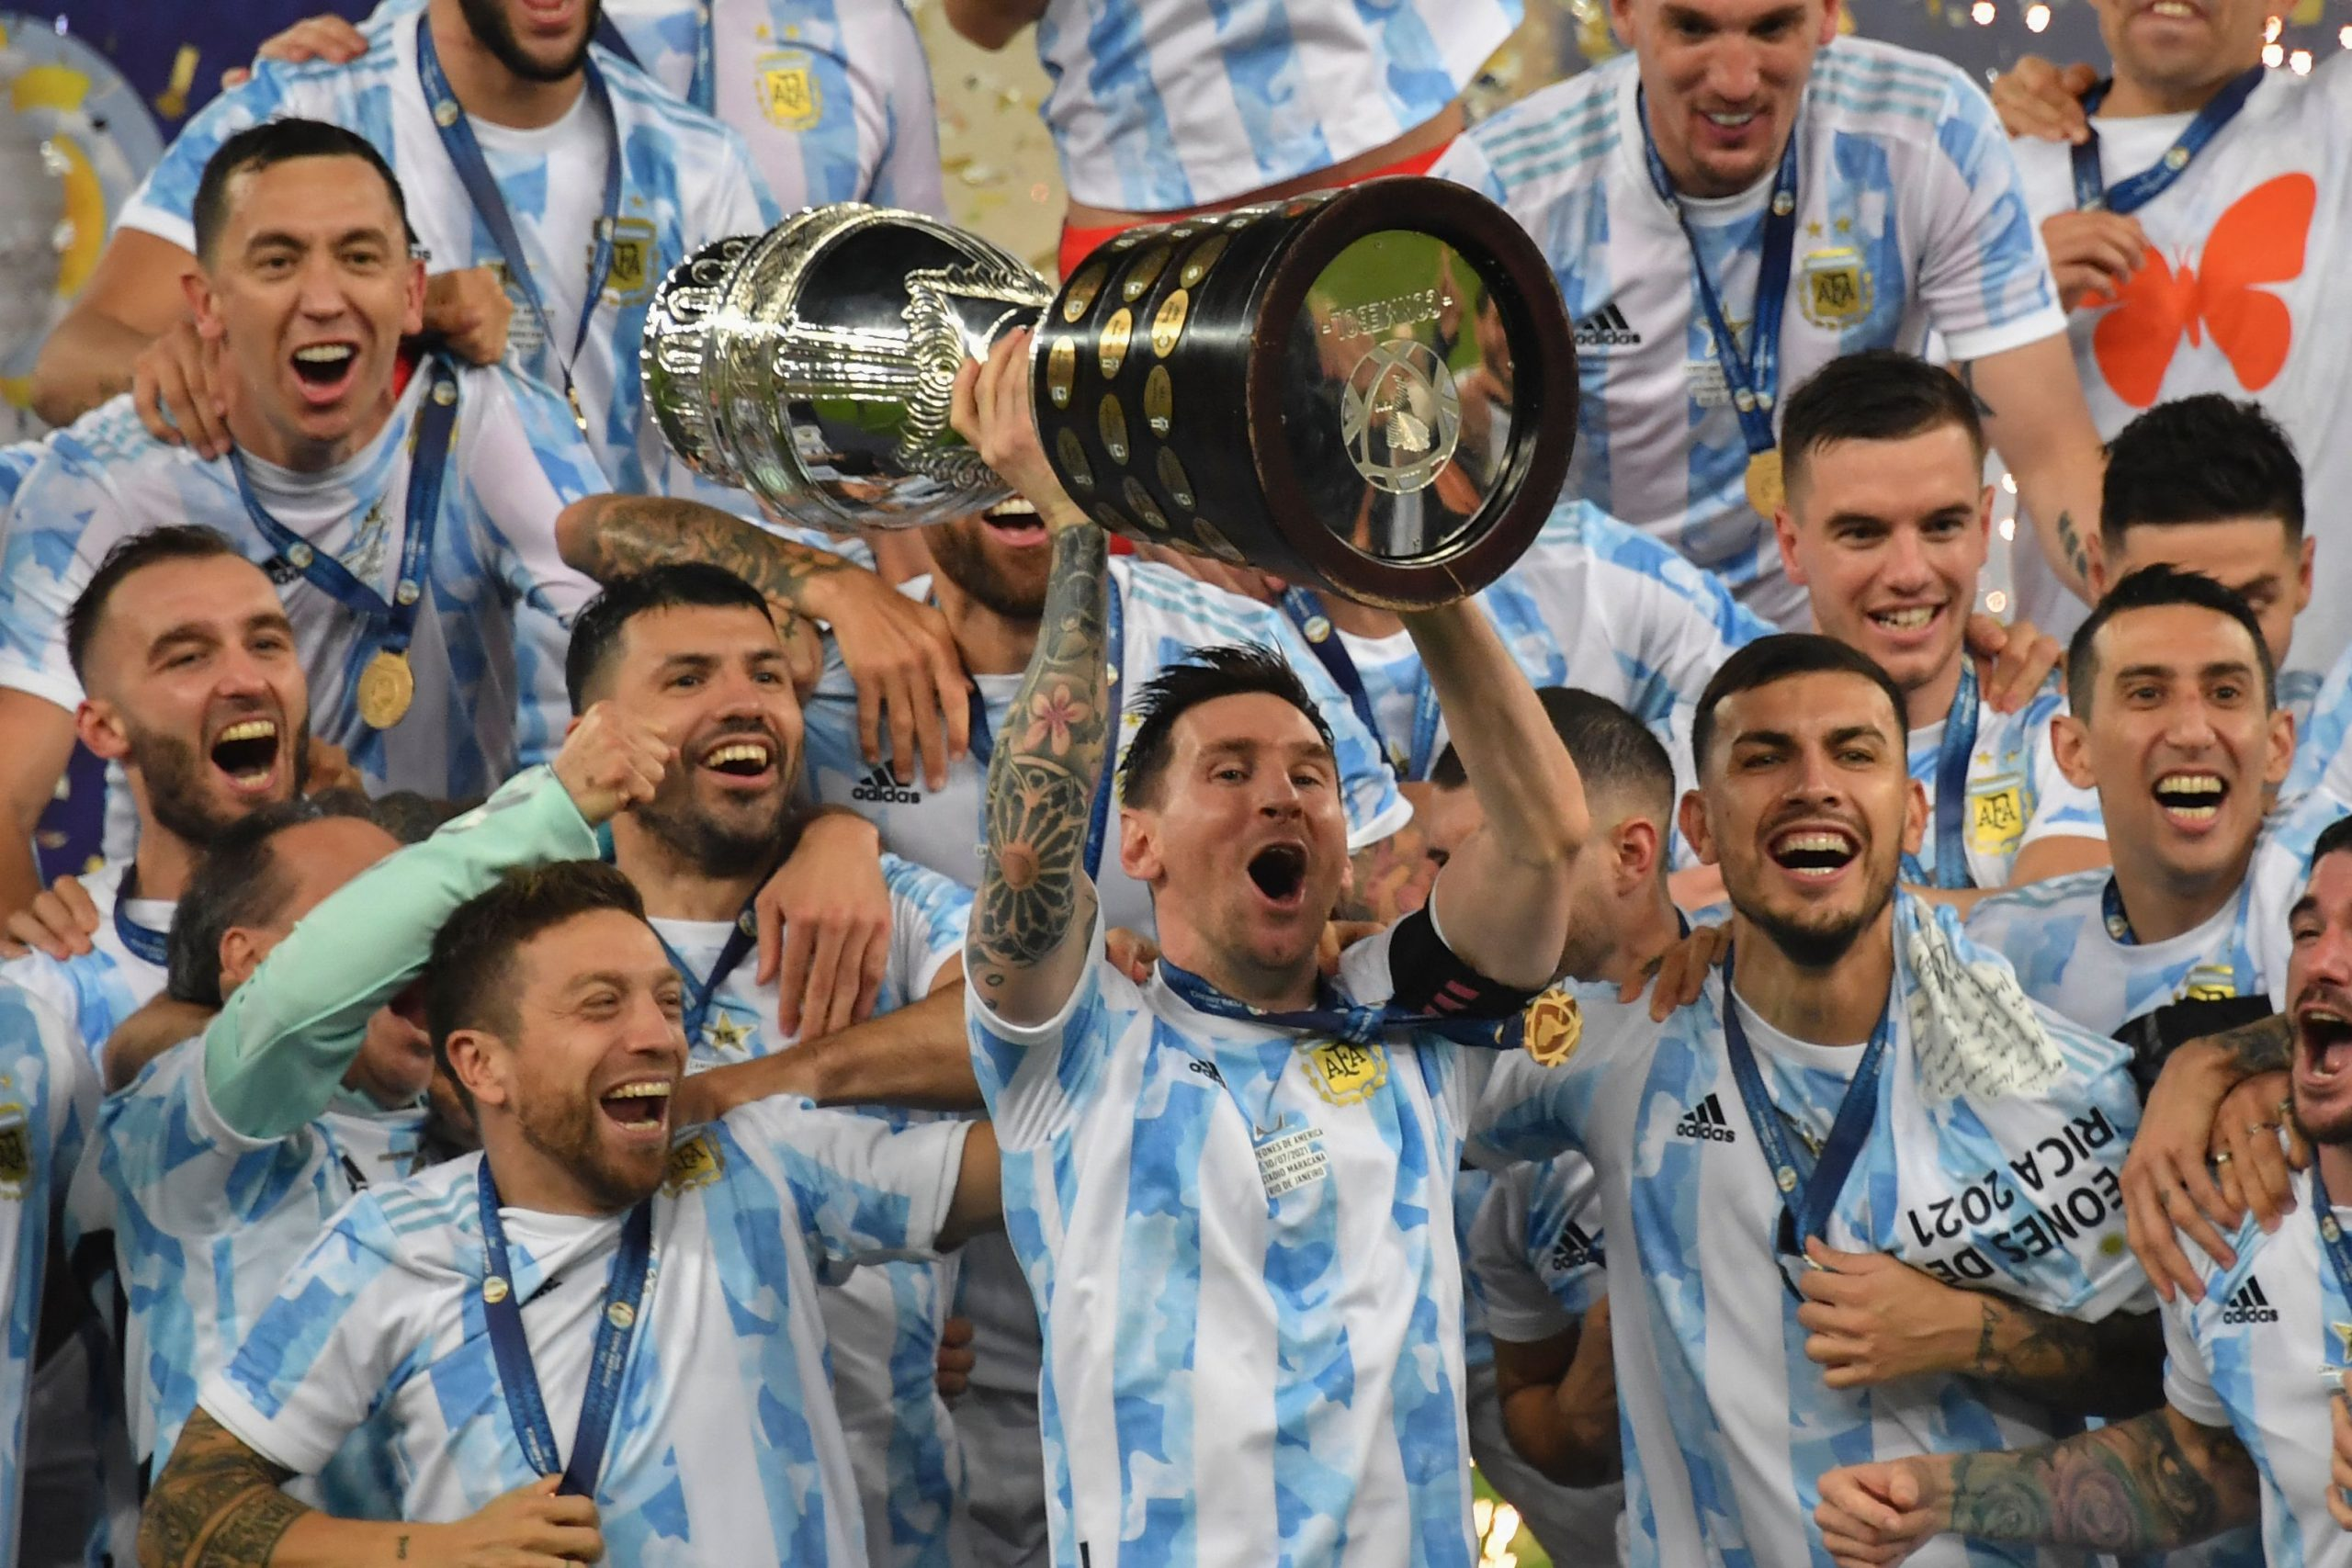 ميسي يقود الأرجنتين للفوز بكوبا أمريكا.. وإيطاليا تعود لمنصات التتويج بعد فوزها باليورو